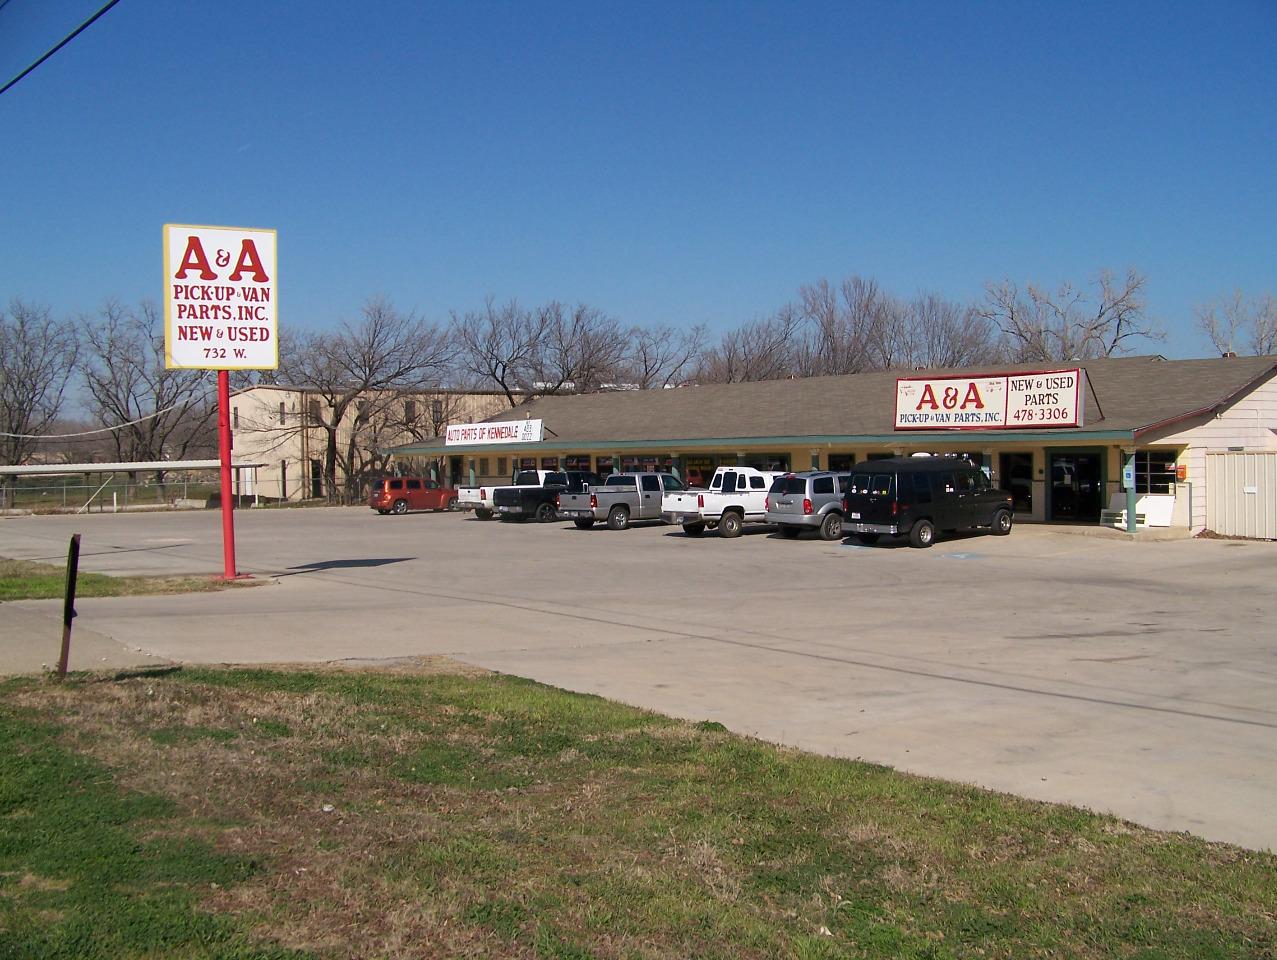 A&A Pickup & Van Parts, Inc.